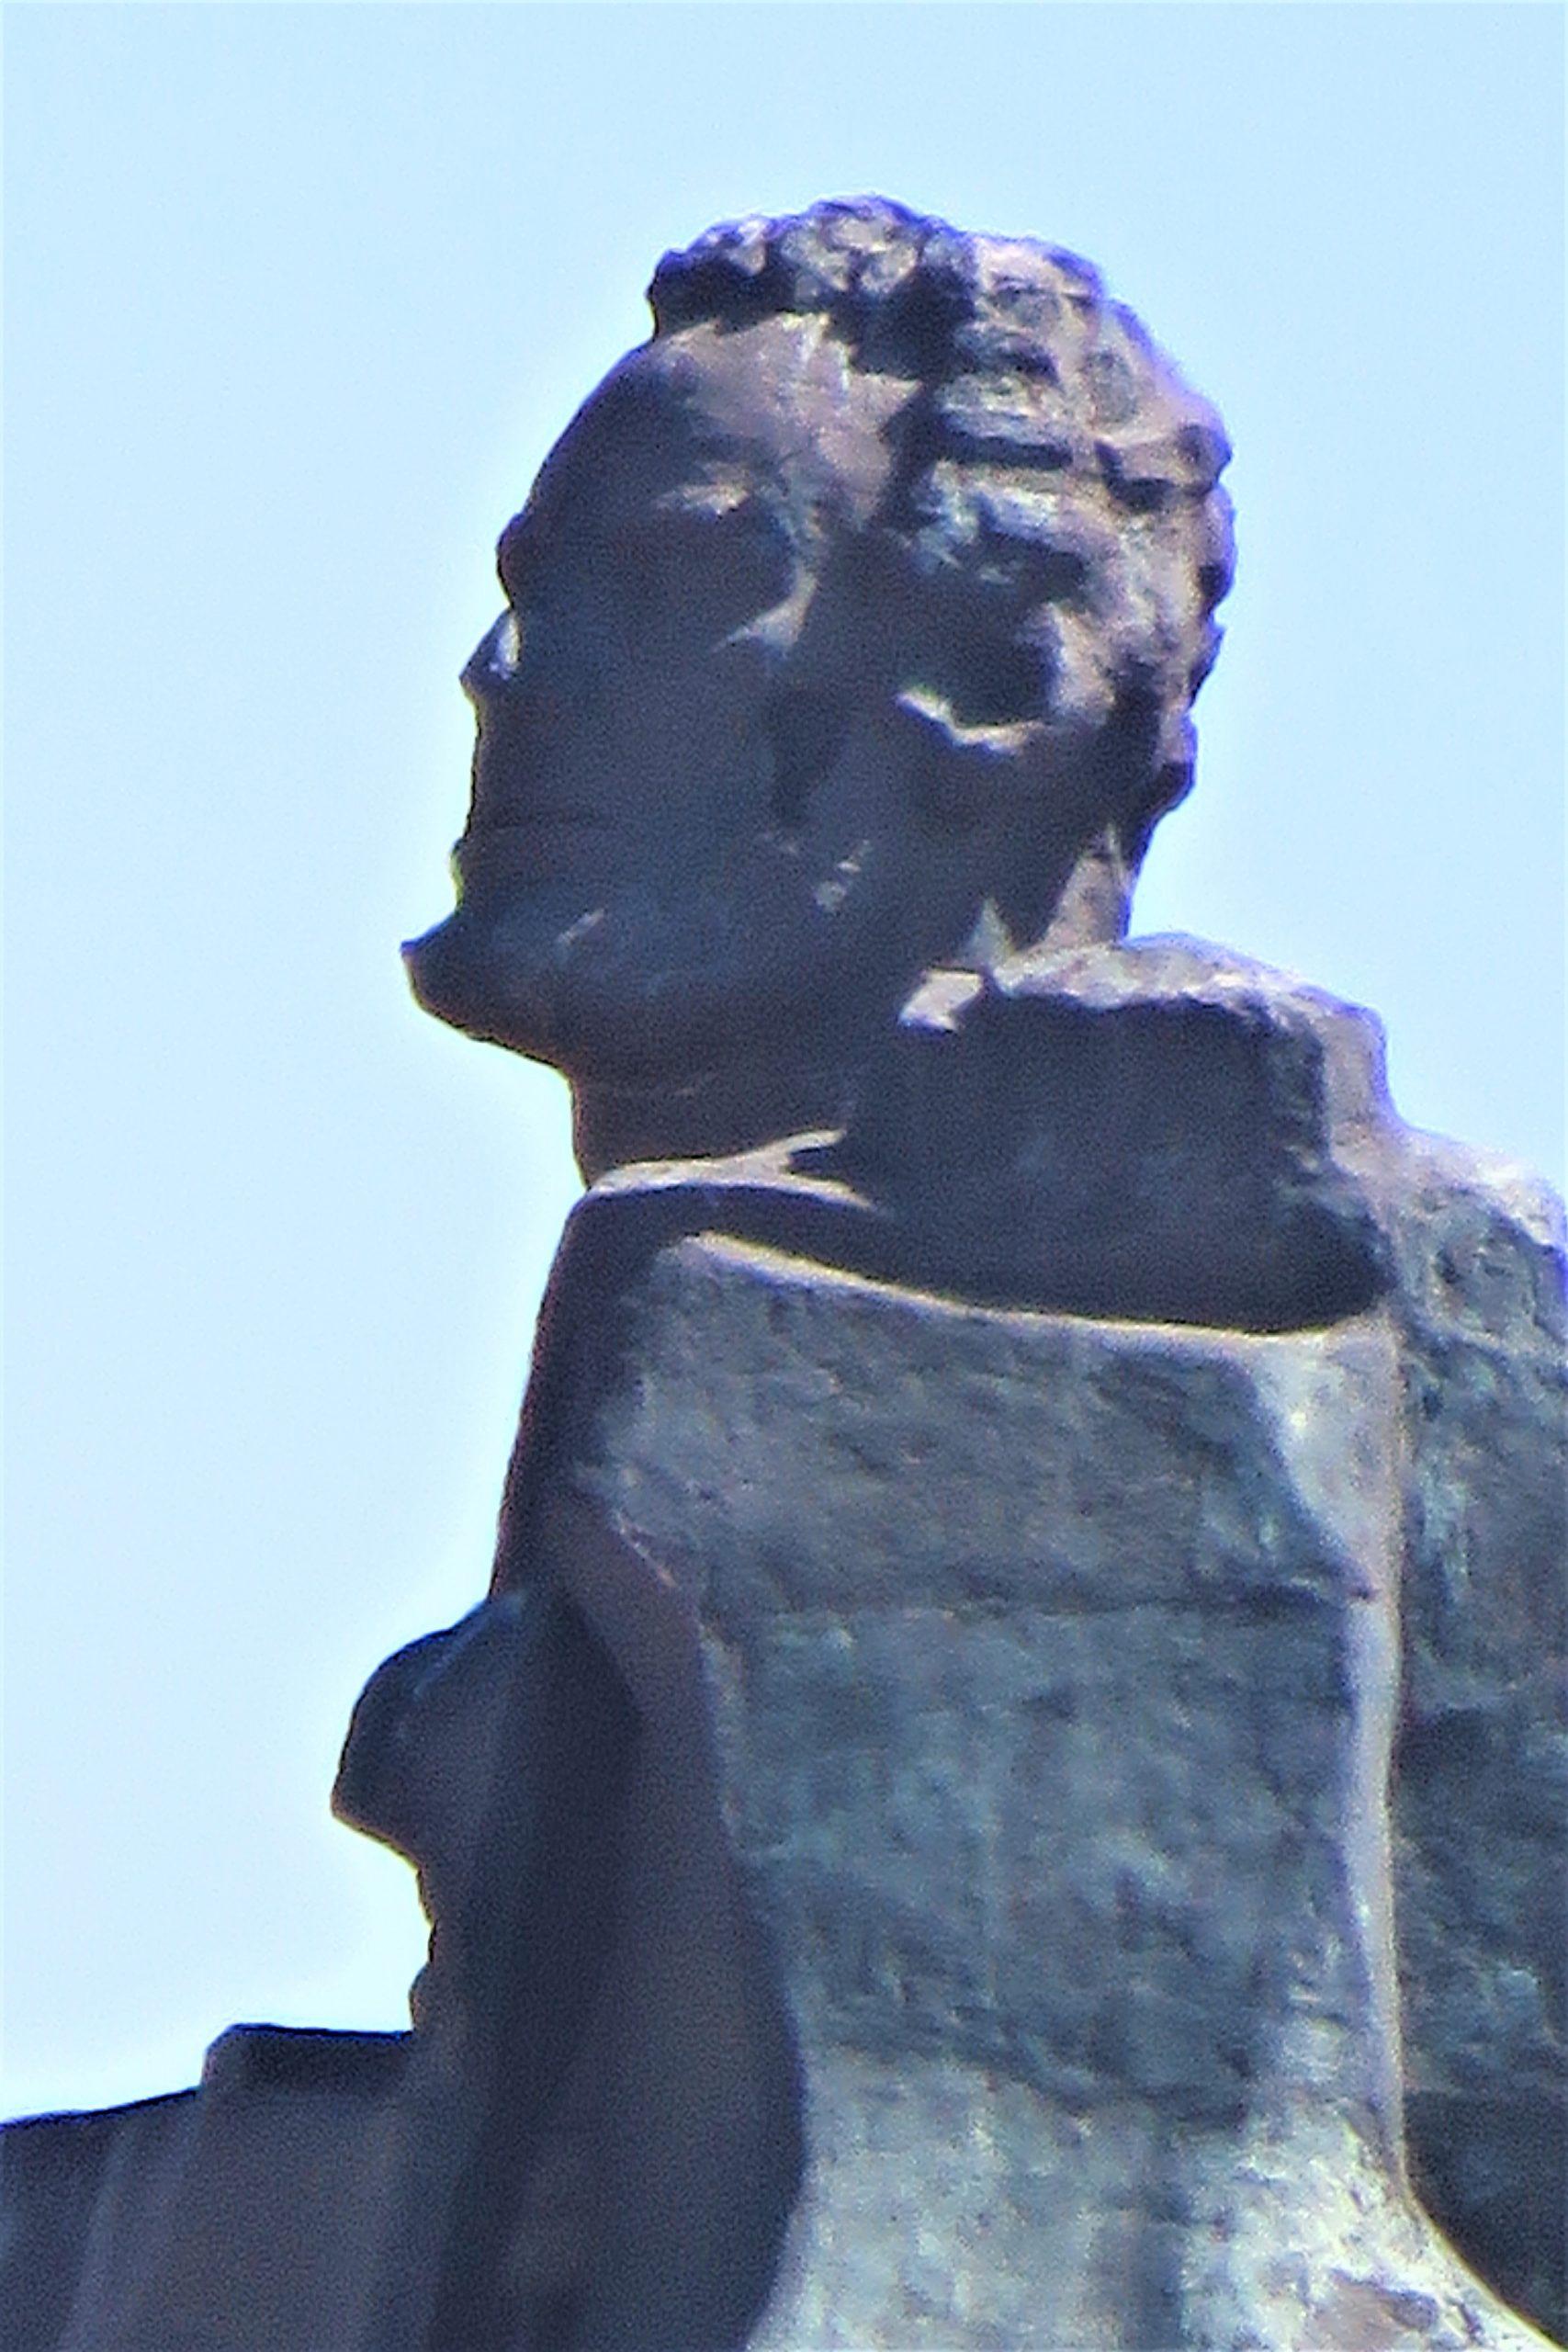 Detalle del Monumento al Minero. Fotografía F. Negrete